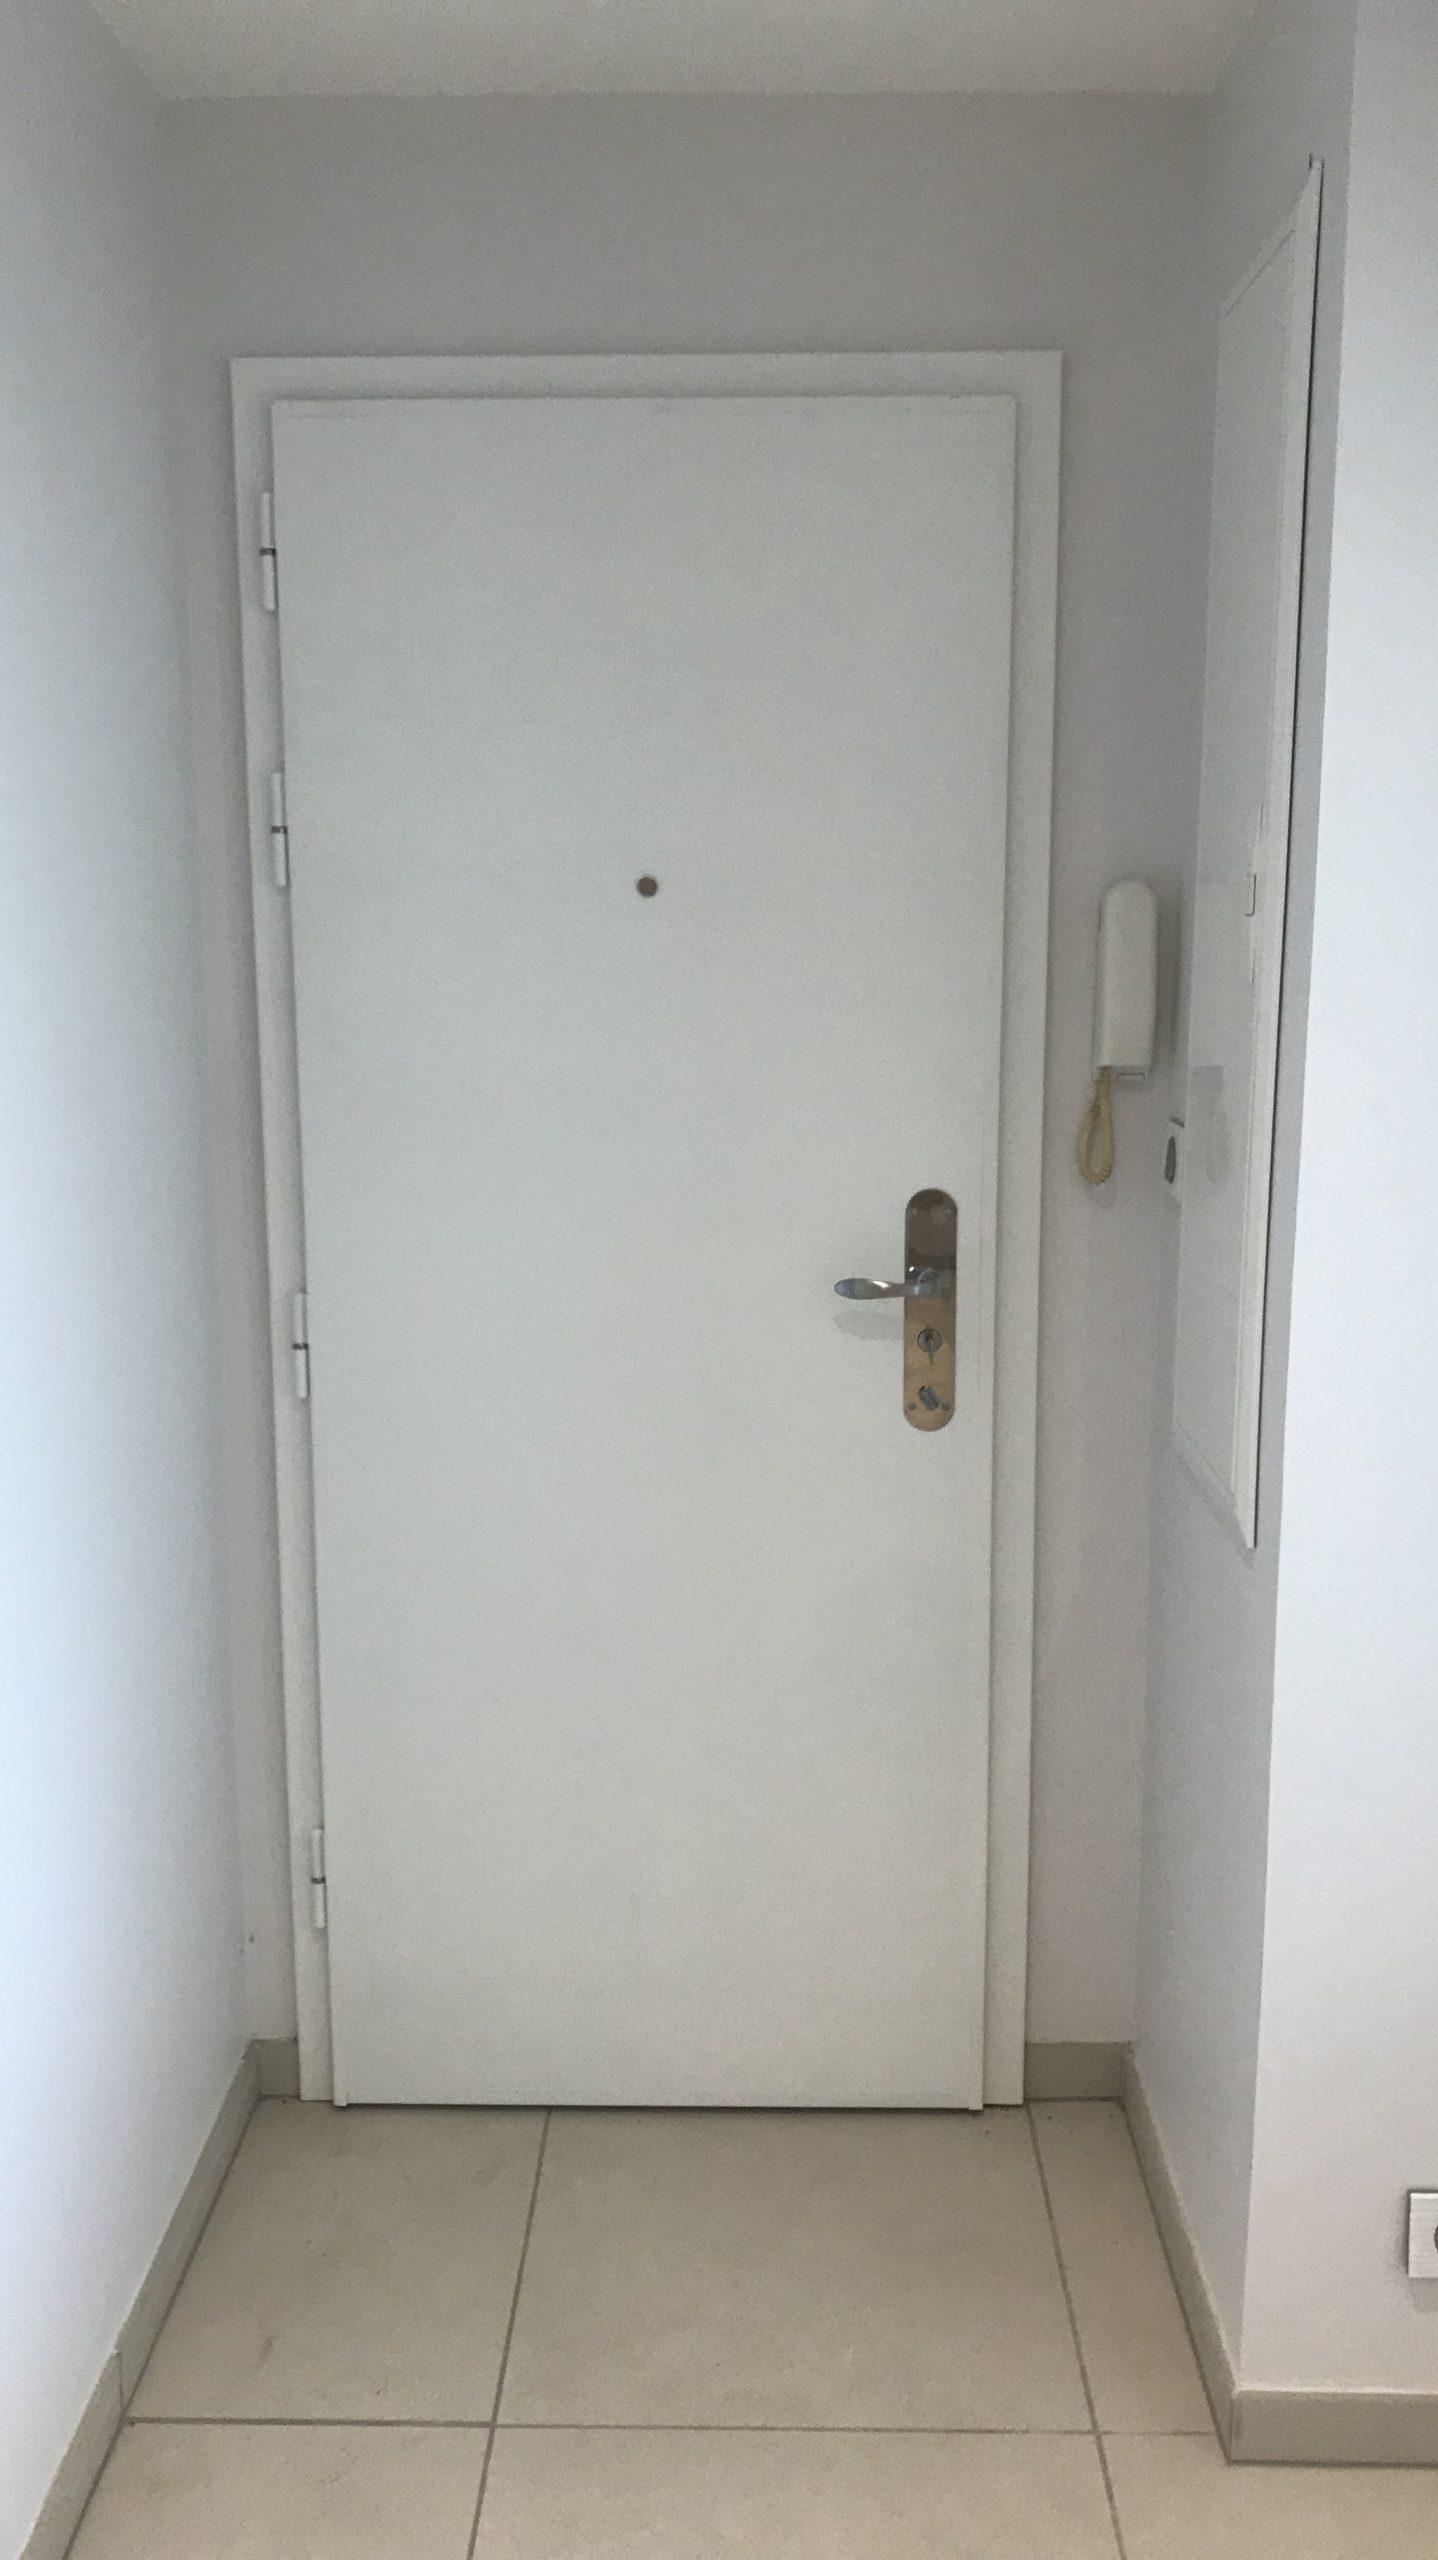 Voici la pose d'une magnifique porte d'entrée blindée🚪